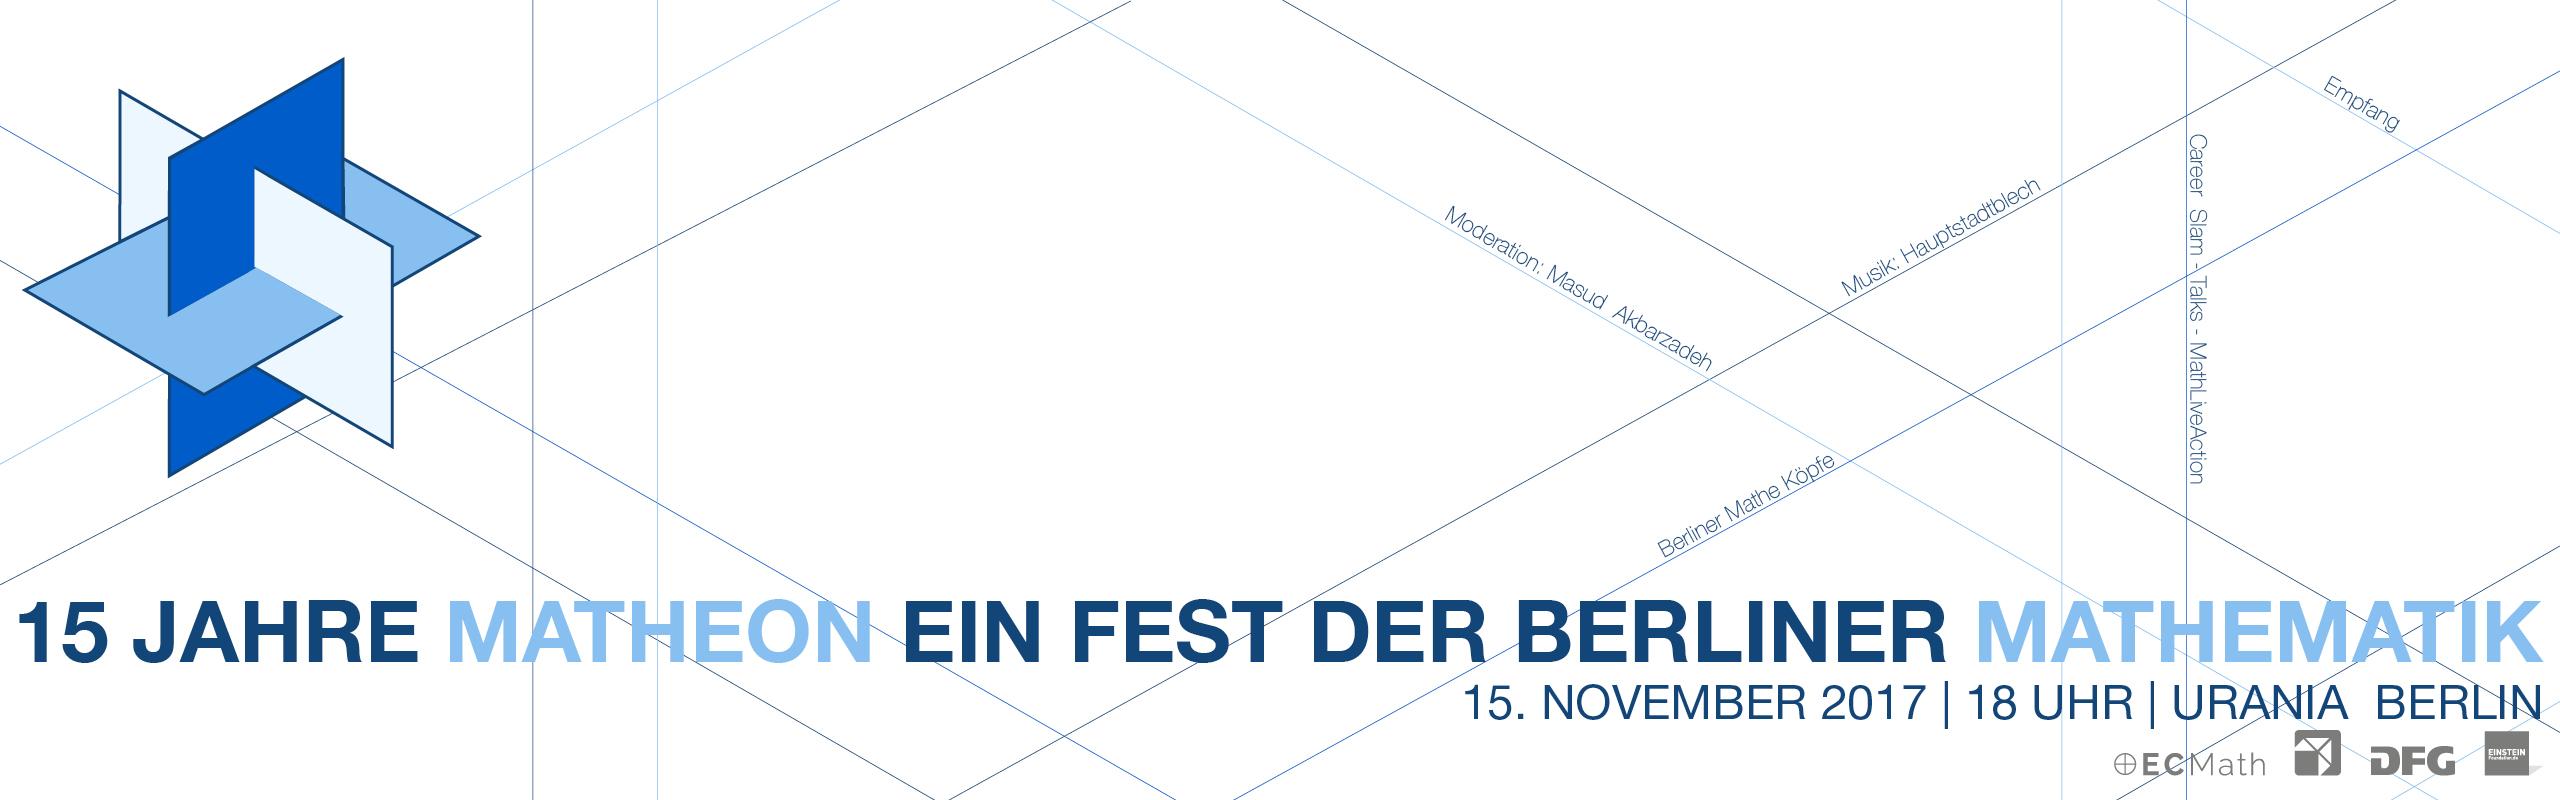 15 Jahre MATHEON EIN FEST DER BERLINER MATHEMATIK 15. November - 18 Uhr - Urania Berlin